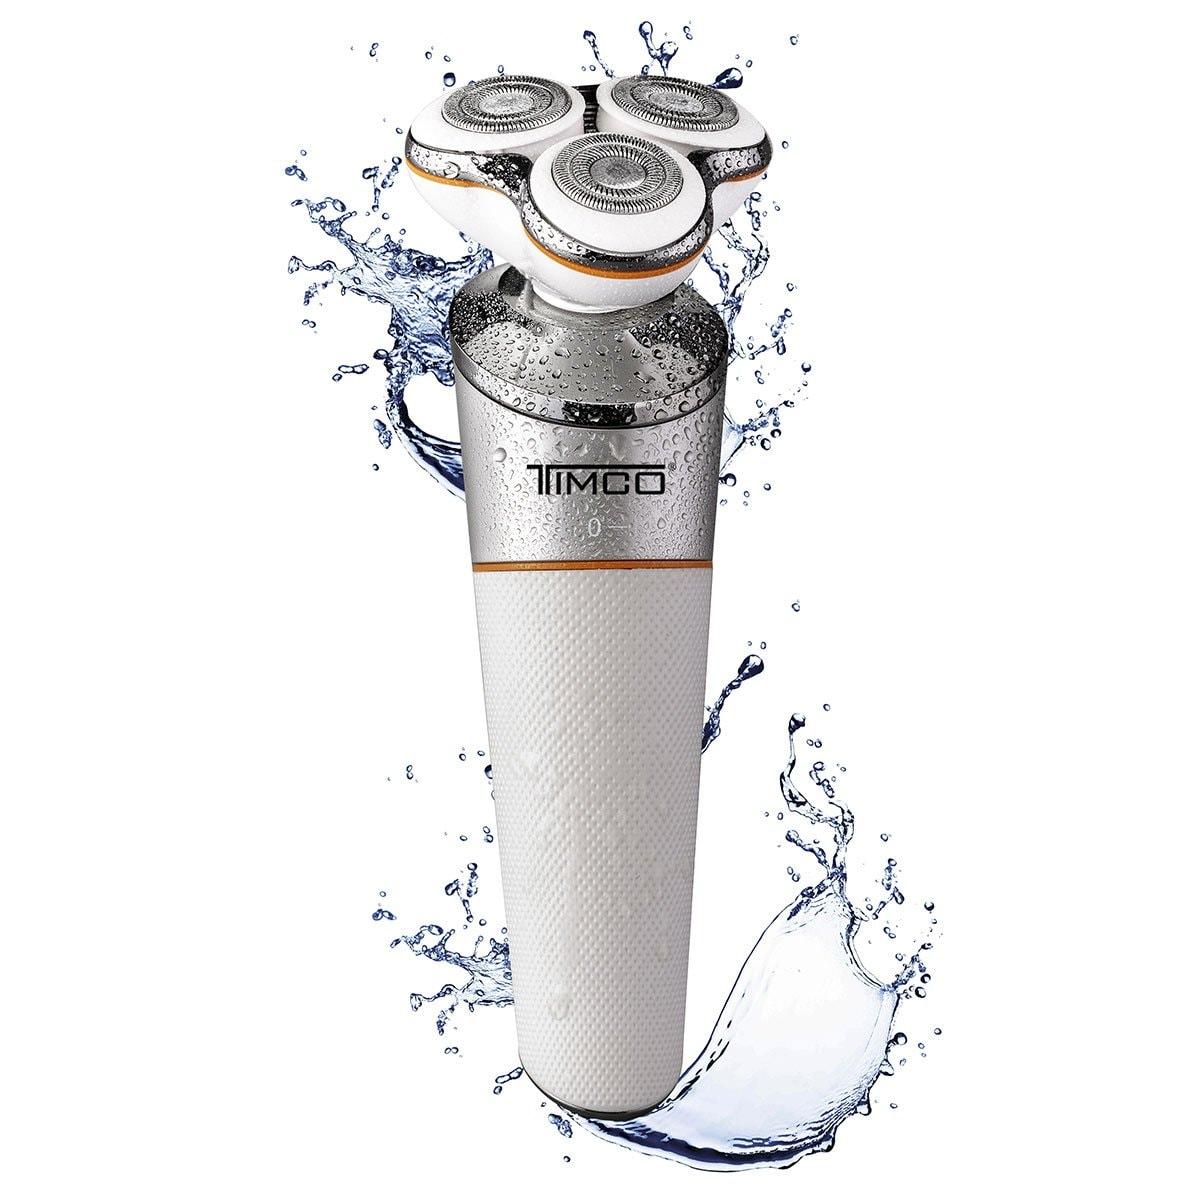 Rasuradora 5 en 1 Resistente al Agua Timco